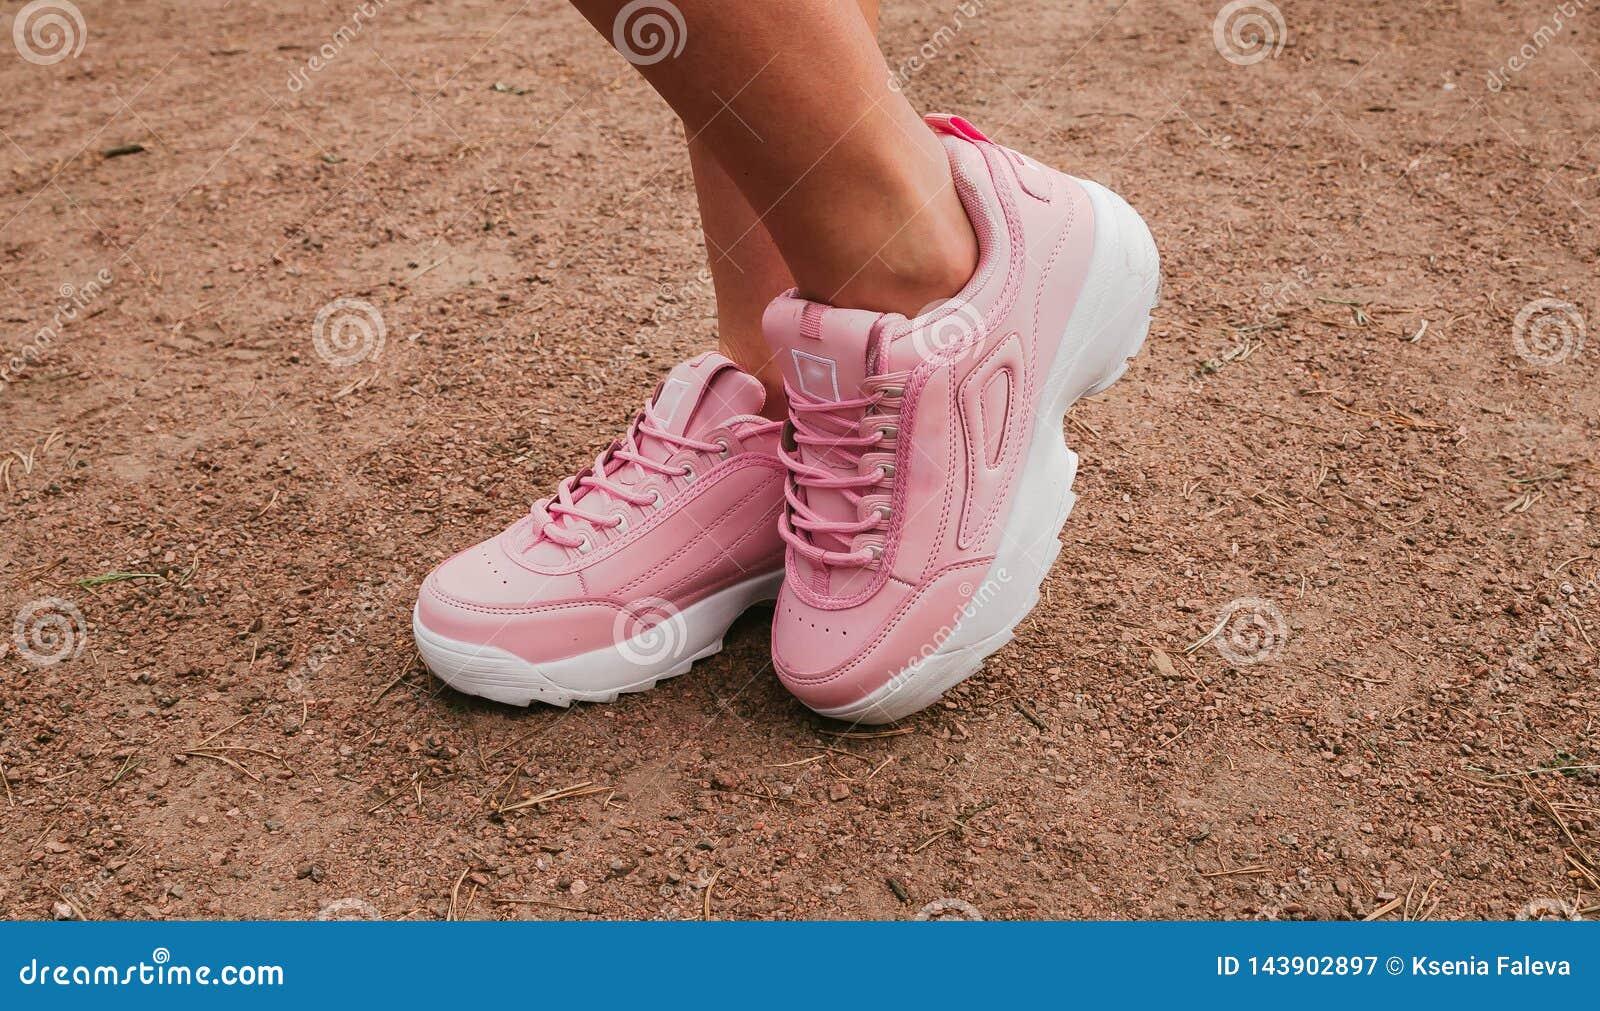 Παπούτσια δέρματος των μοντέρνων μοντέρνων ρόδινων γυναικών πόδια γυναικών με τα πάνινα παπούτσια